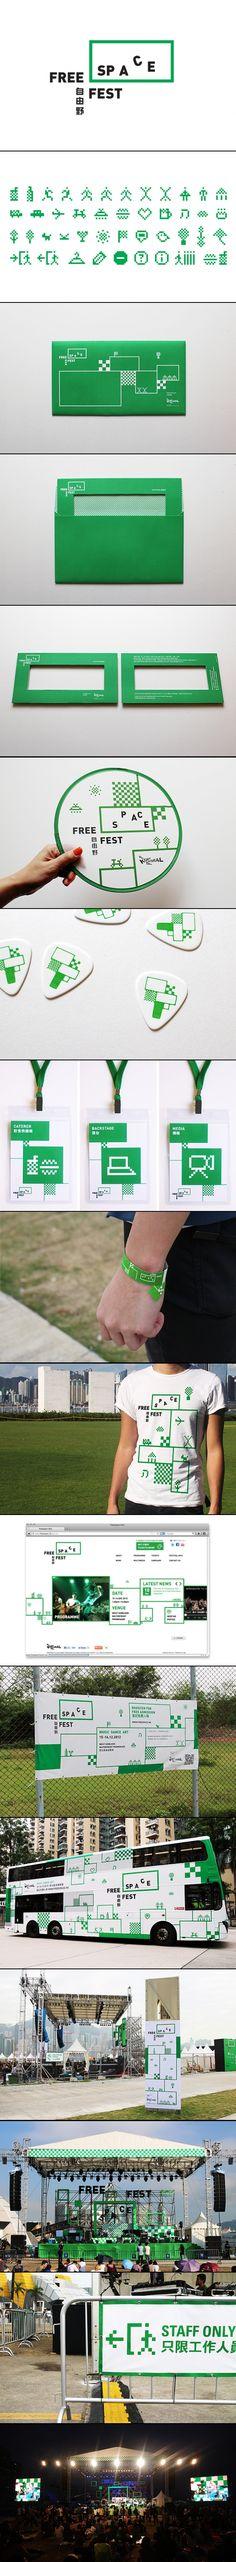 FREESPACE FEST by Ken Lo by blow.hk #identity #packaging #branding PD